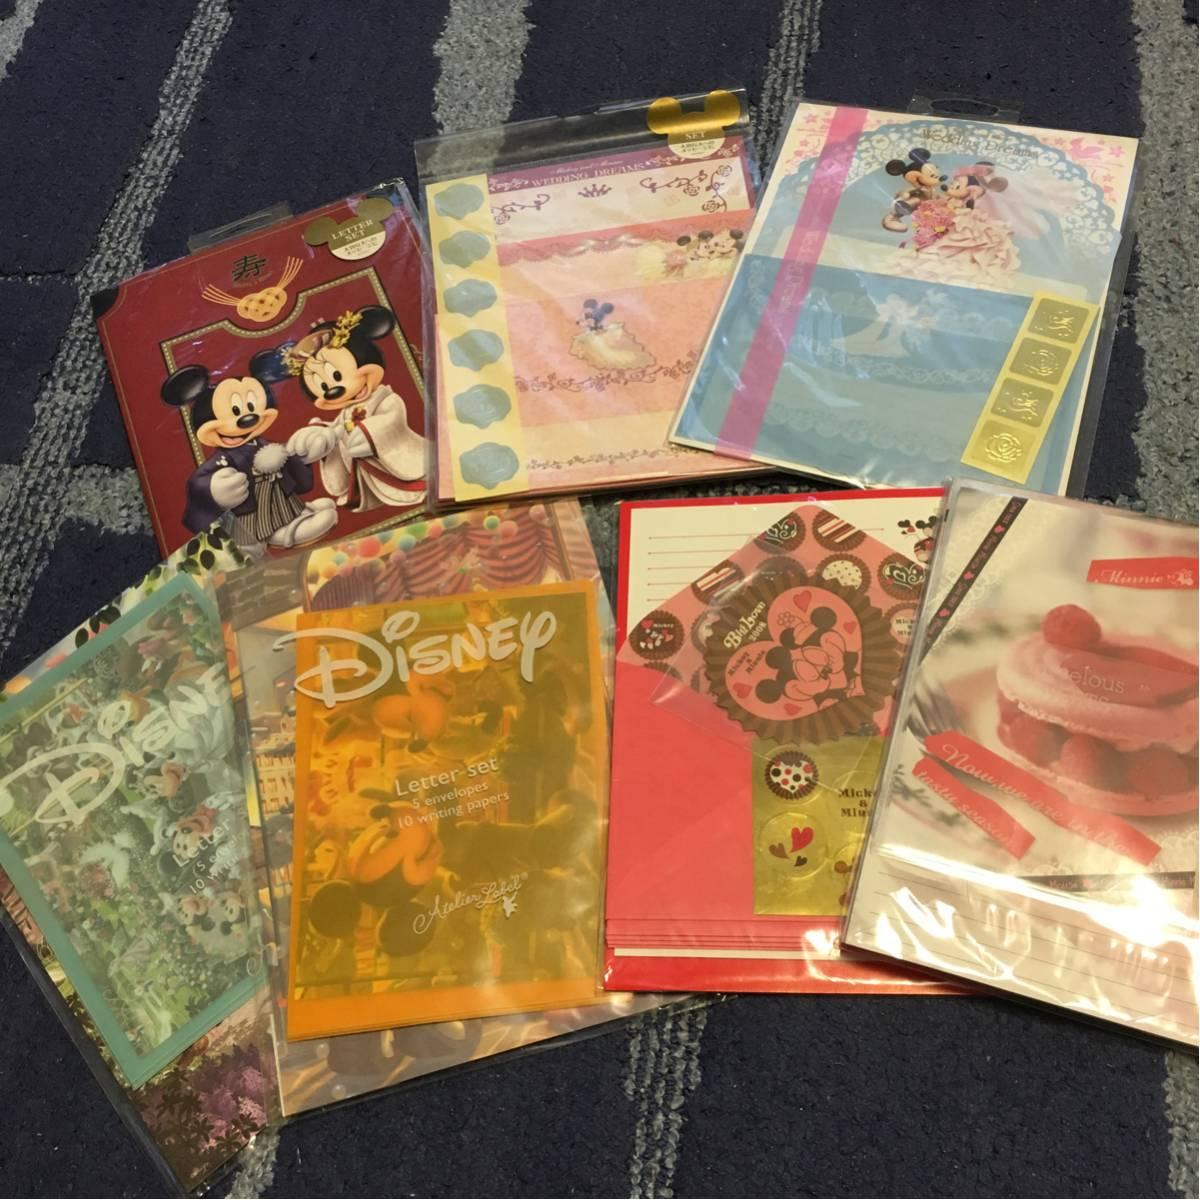 ディズニーレターセット7セット ミッキー ミニー ウエディング ディズニーグッズの画像